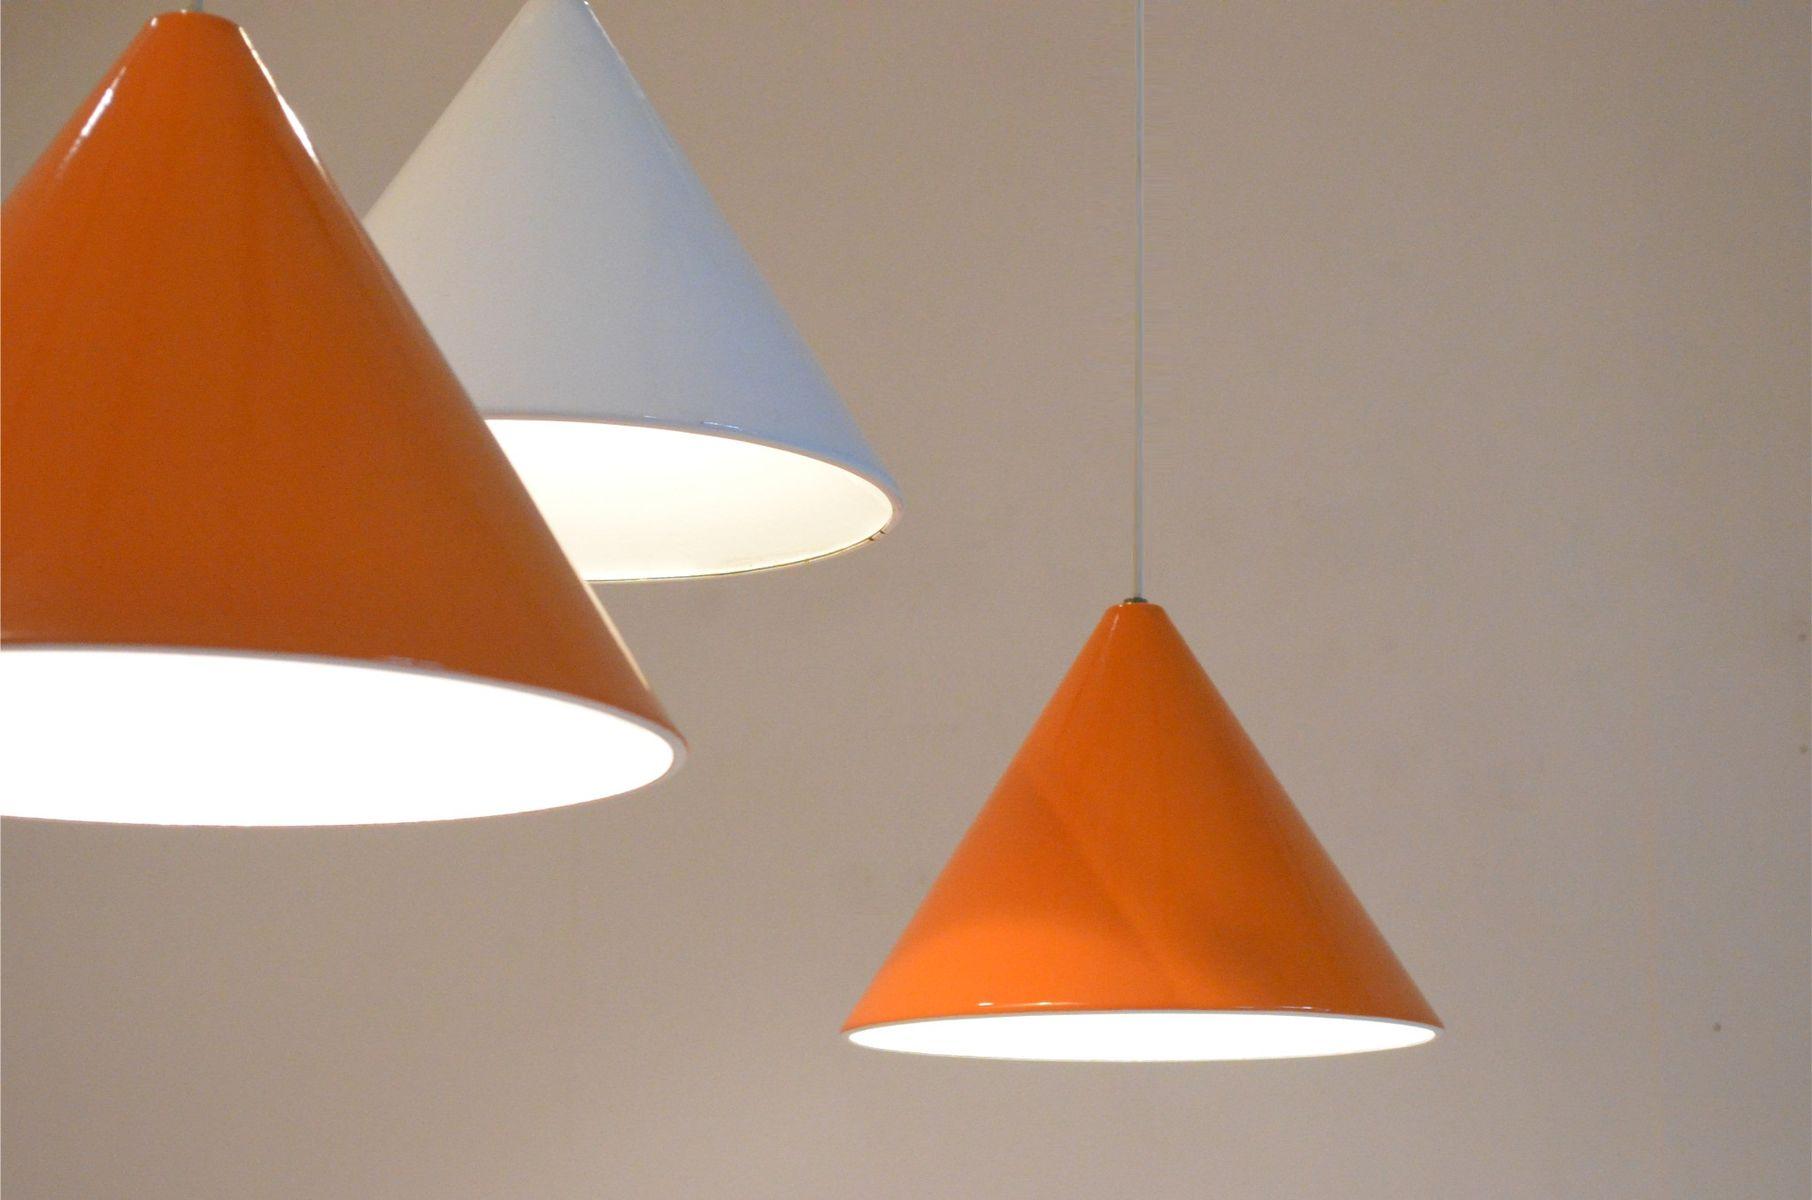 Orange Mid-Century Billard H?ngelampe von Arne Jacobsen f\u00fcr Louis Poulsen bei Pamono kaufen